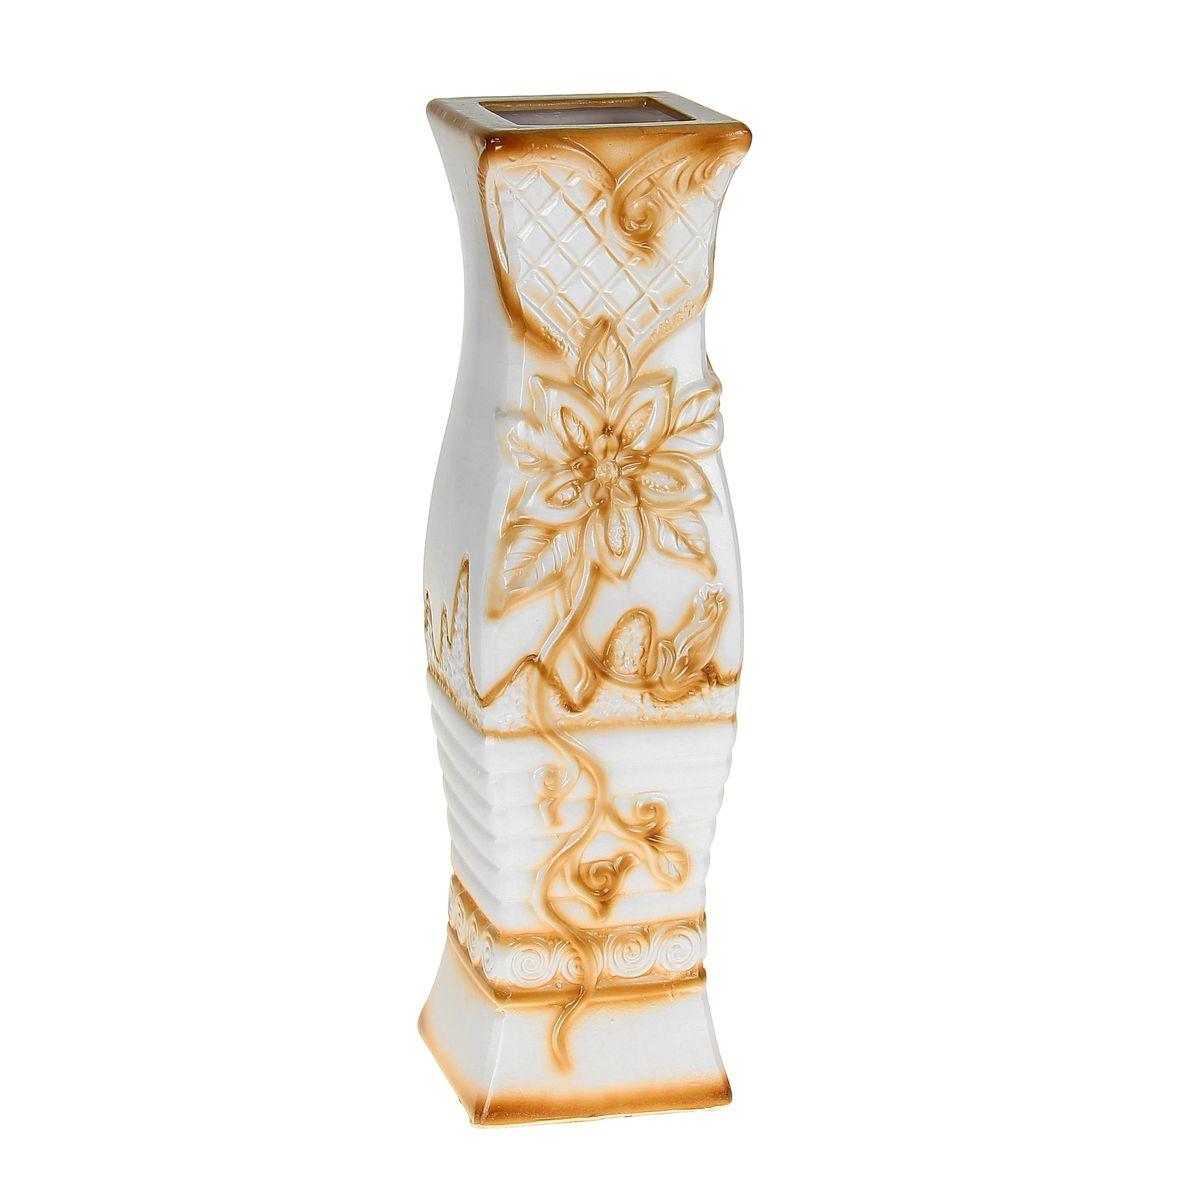 Ваза керамика напольная 60 см цветущая лилия 10449841044984Керамика